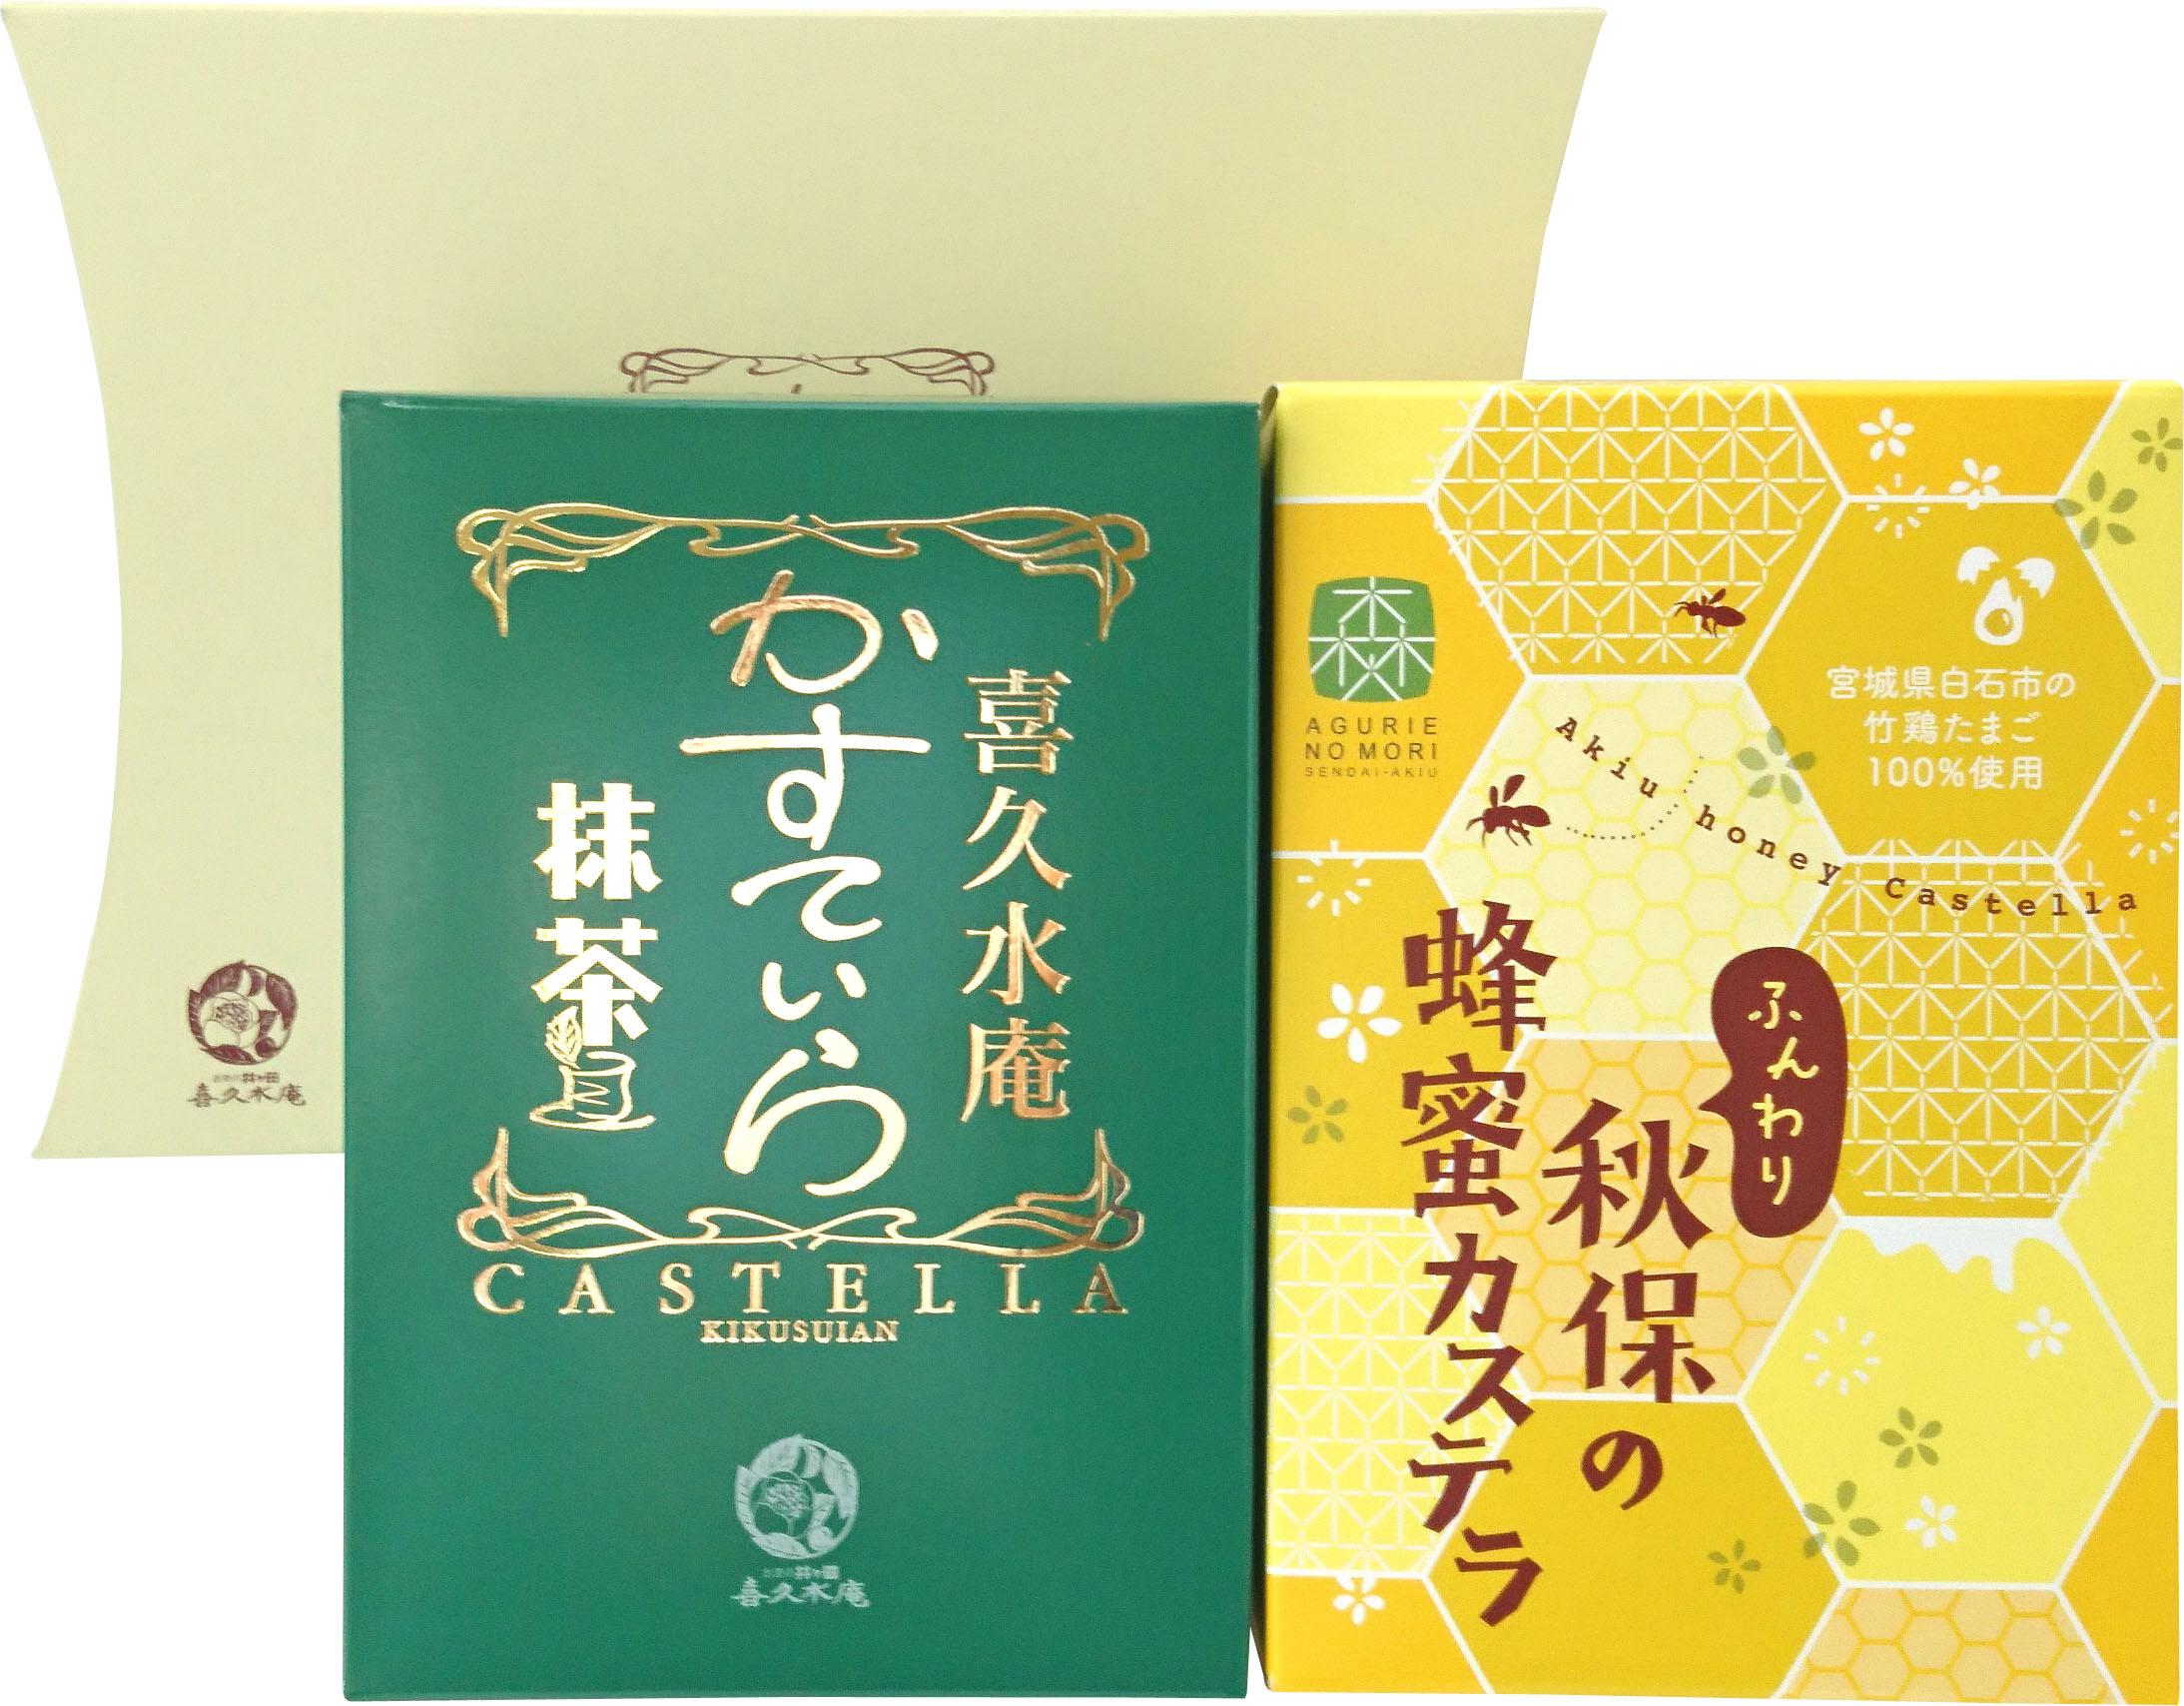 かすてぃらギフト 抹茶・秋保の蜂蜜